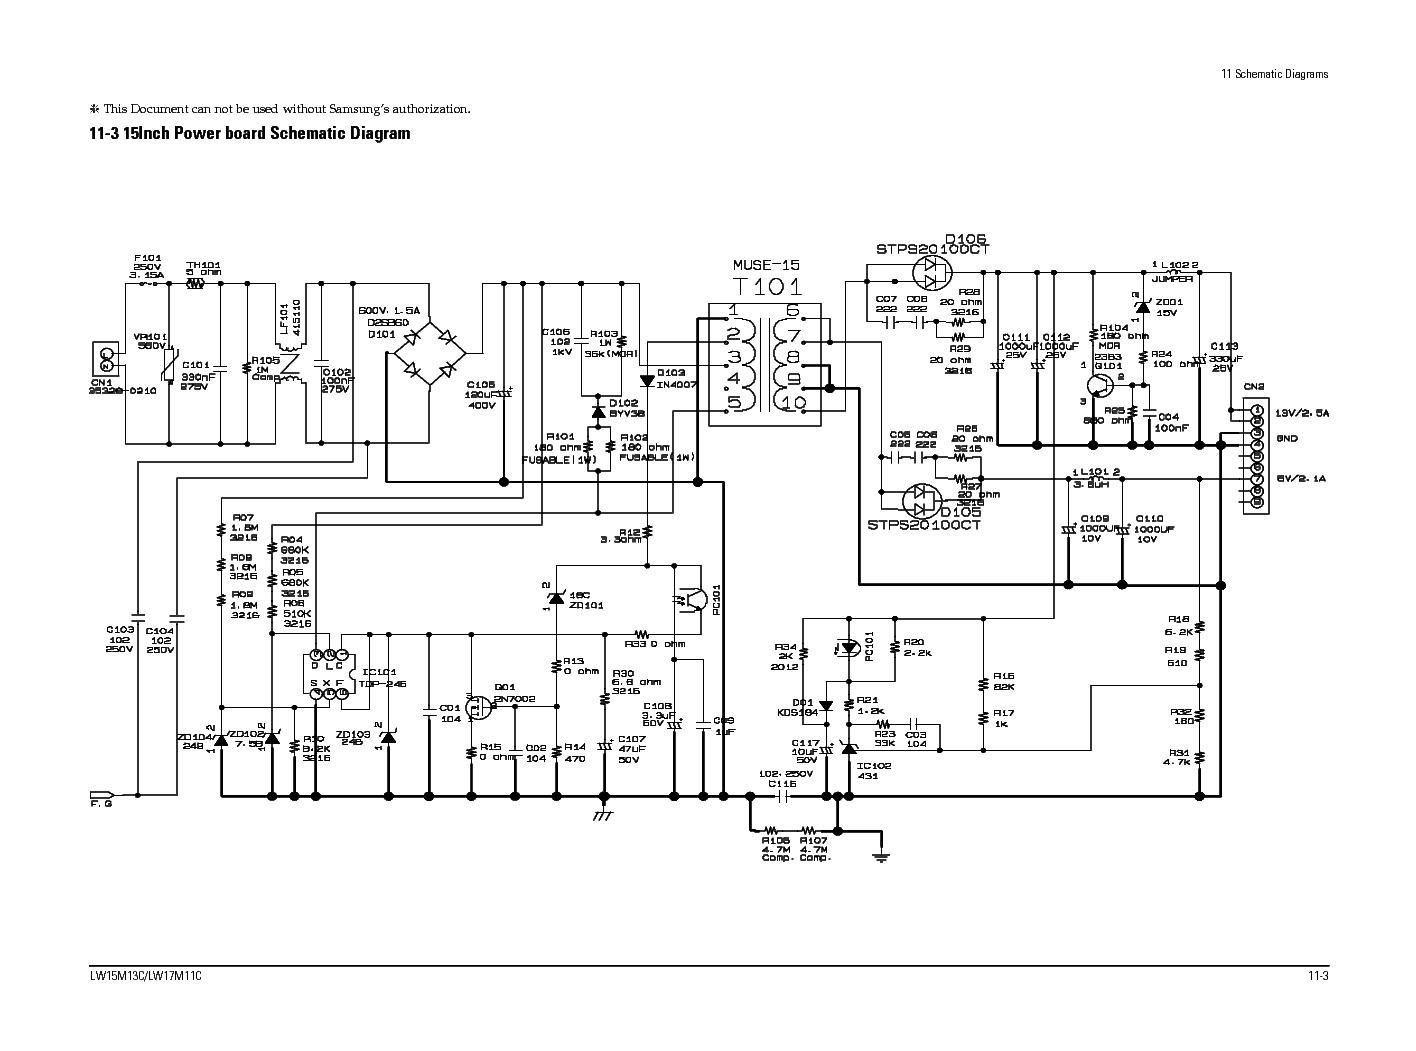 SAMSUNG BN44-00622B POWER SUPPLY SCH Service Manual download